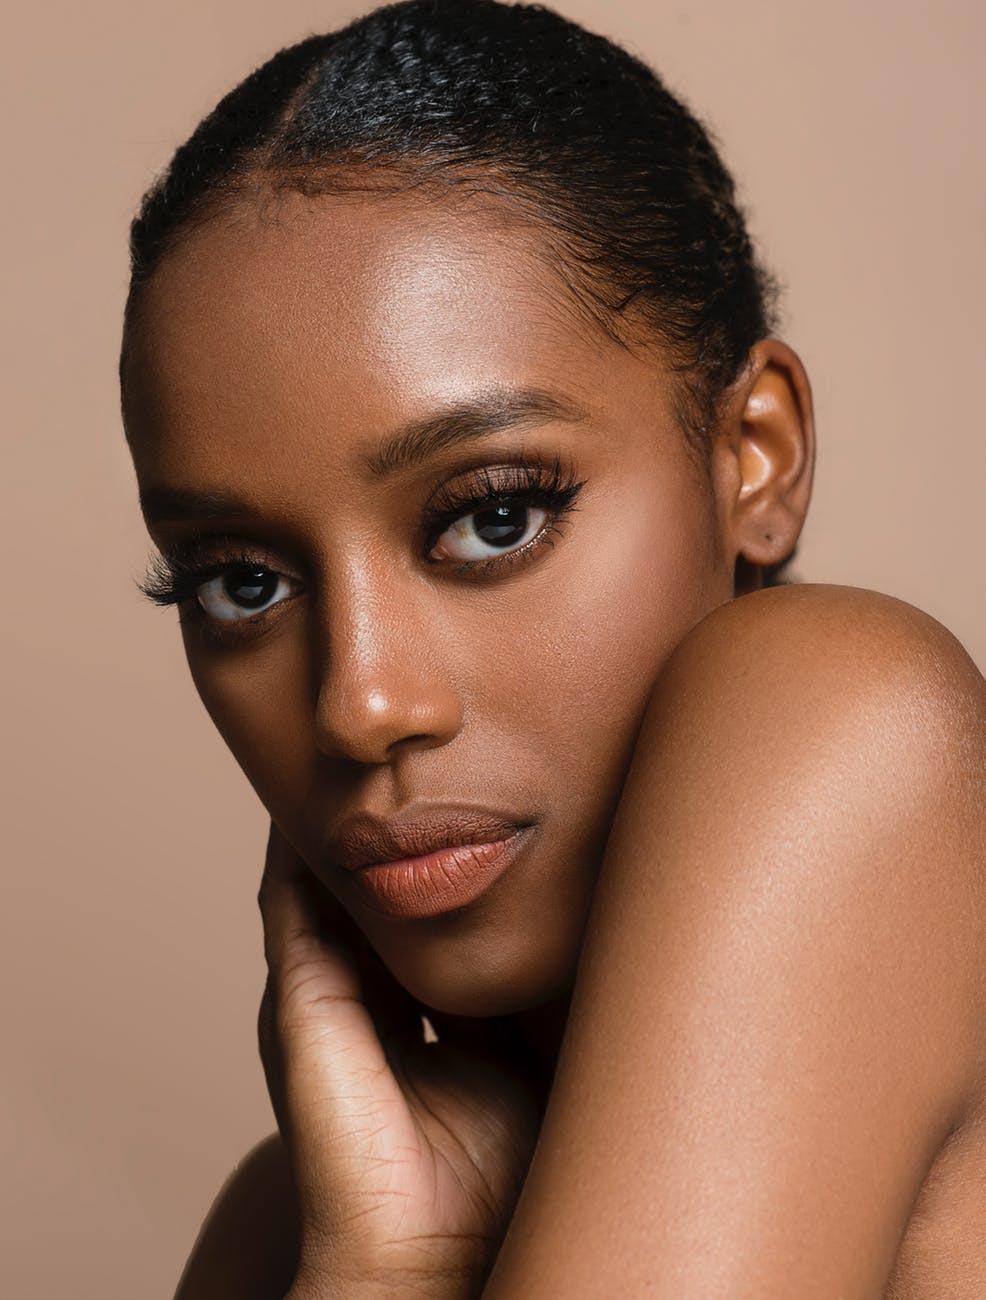 coco aceite coconut oit hidratacion cuidado de la piel skin care belleza beauty cosmetologia productos naturales